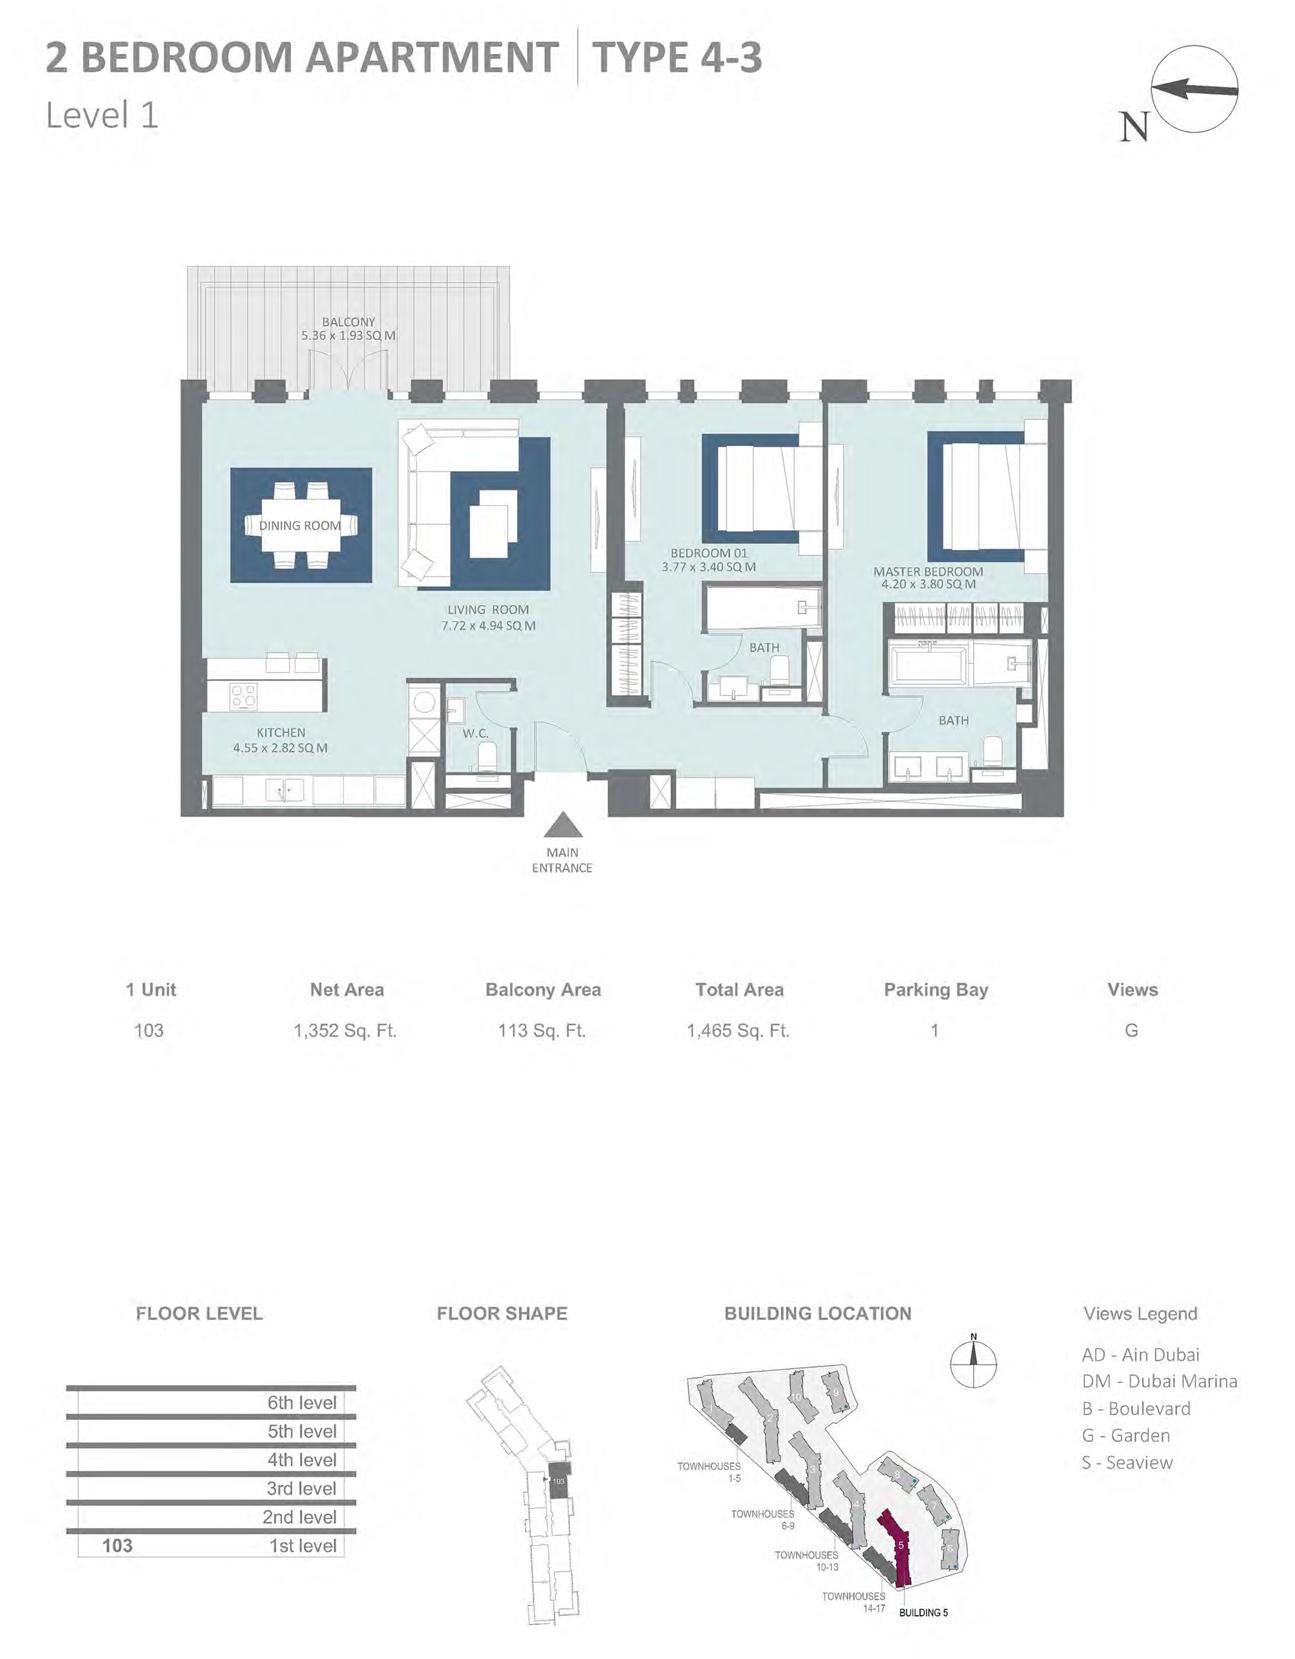 المبنى 5، غرفتي نوم، نوع 4-3، المستوى 1، حجم 1352 قدم مربع